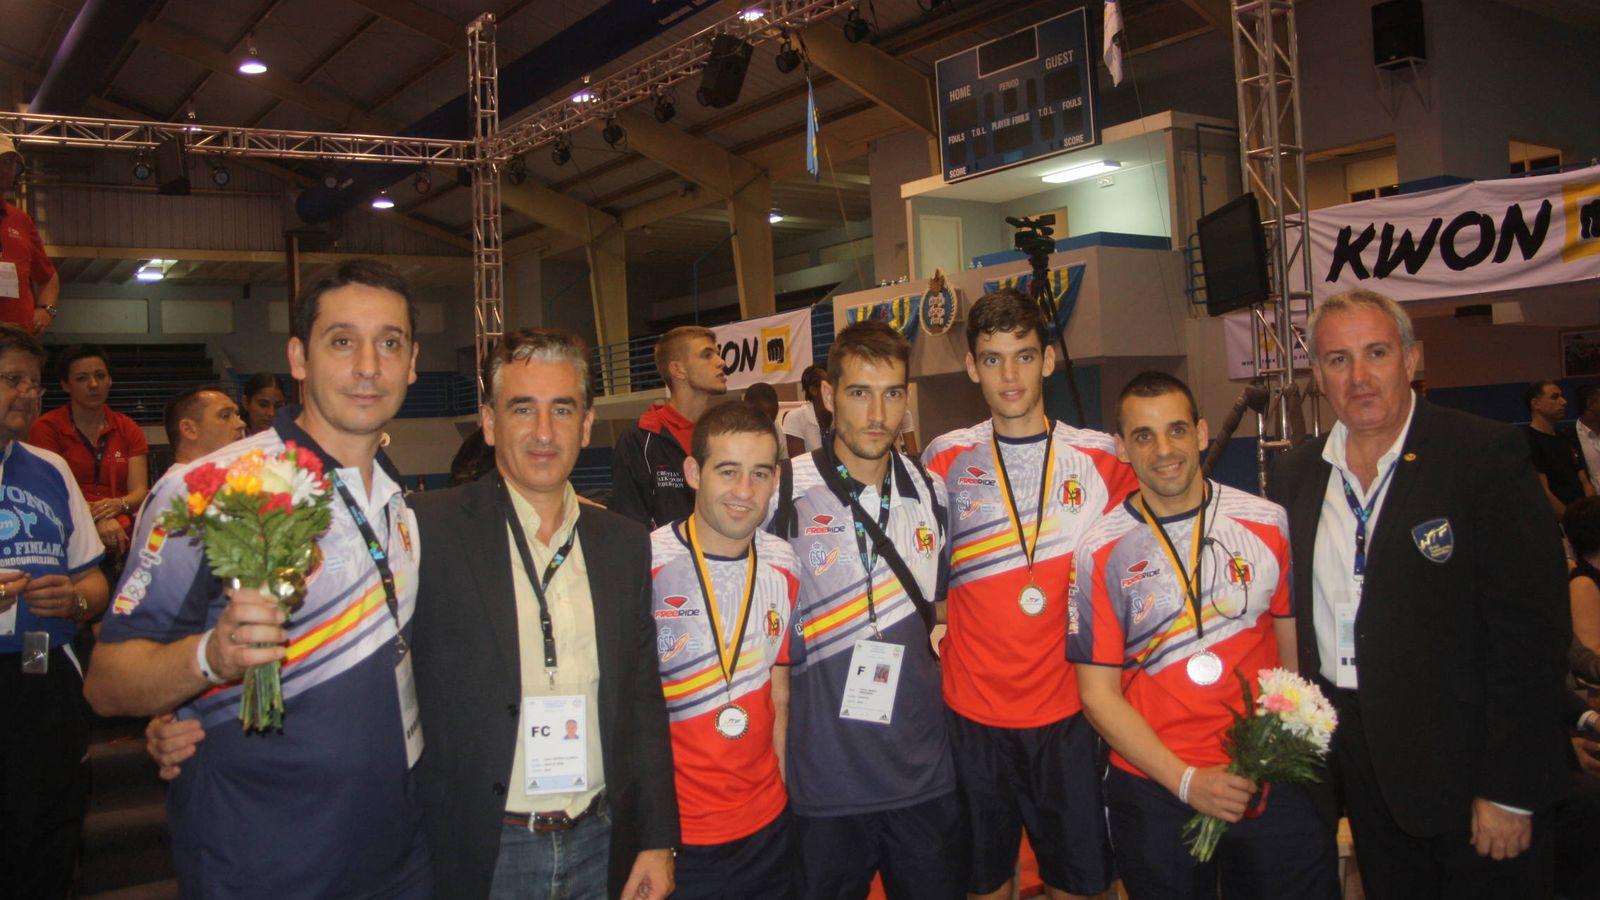 Foto: Santi Malvar (segundo por la izquierda) ganó el bronce en el Mundial de Aruba 2012. A su izquierda, Jesús Castellanos, presidente de la federación. (Fotos: Santi Malvar)